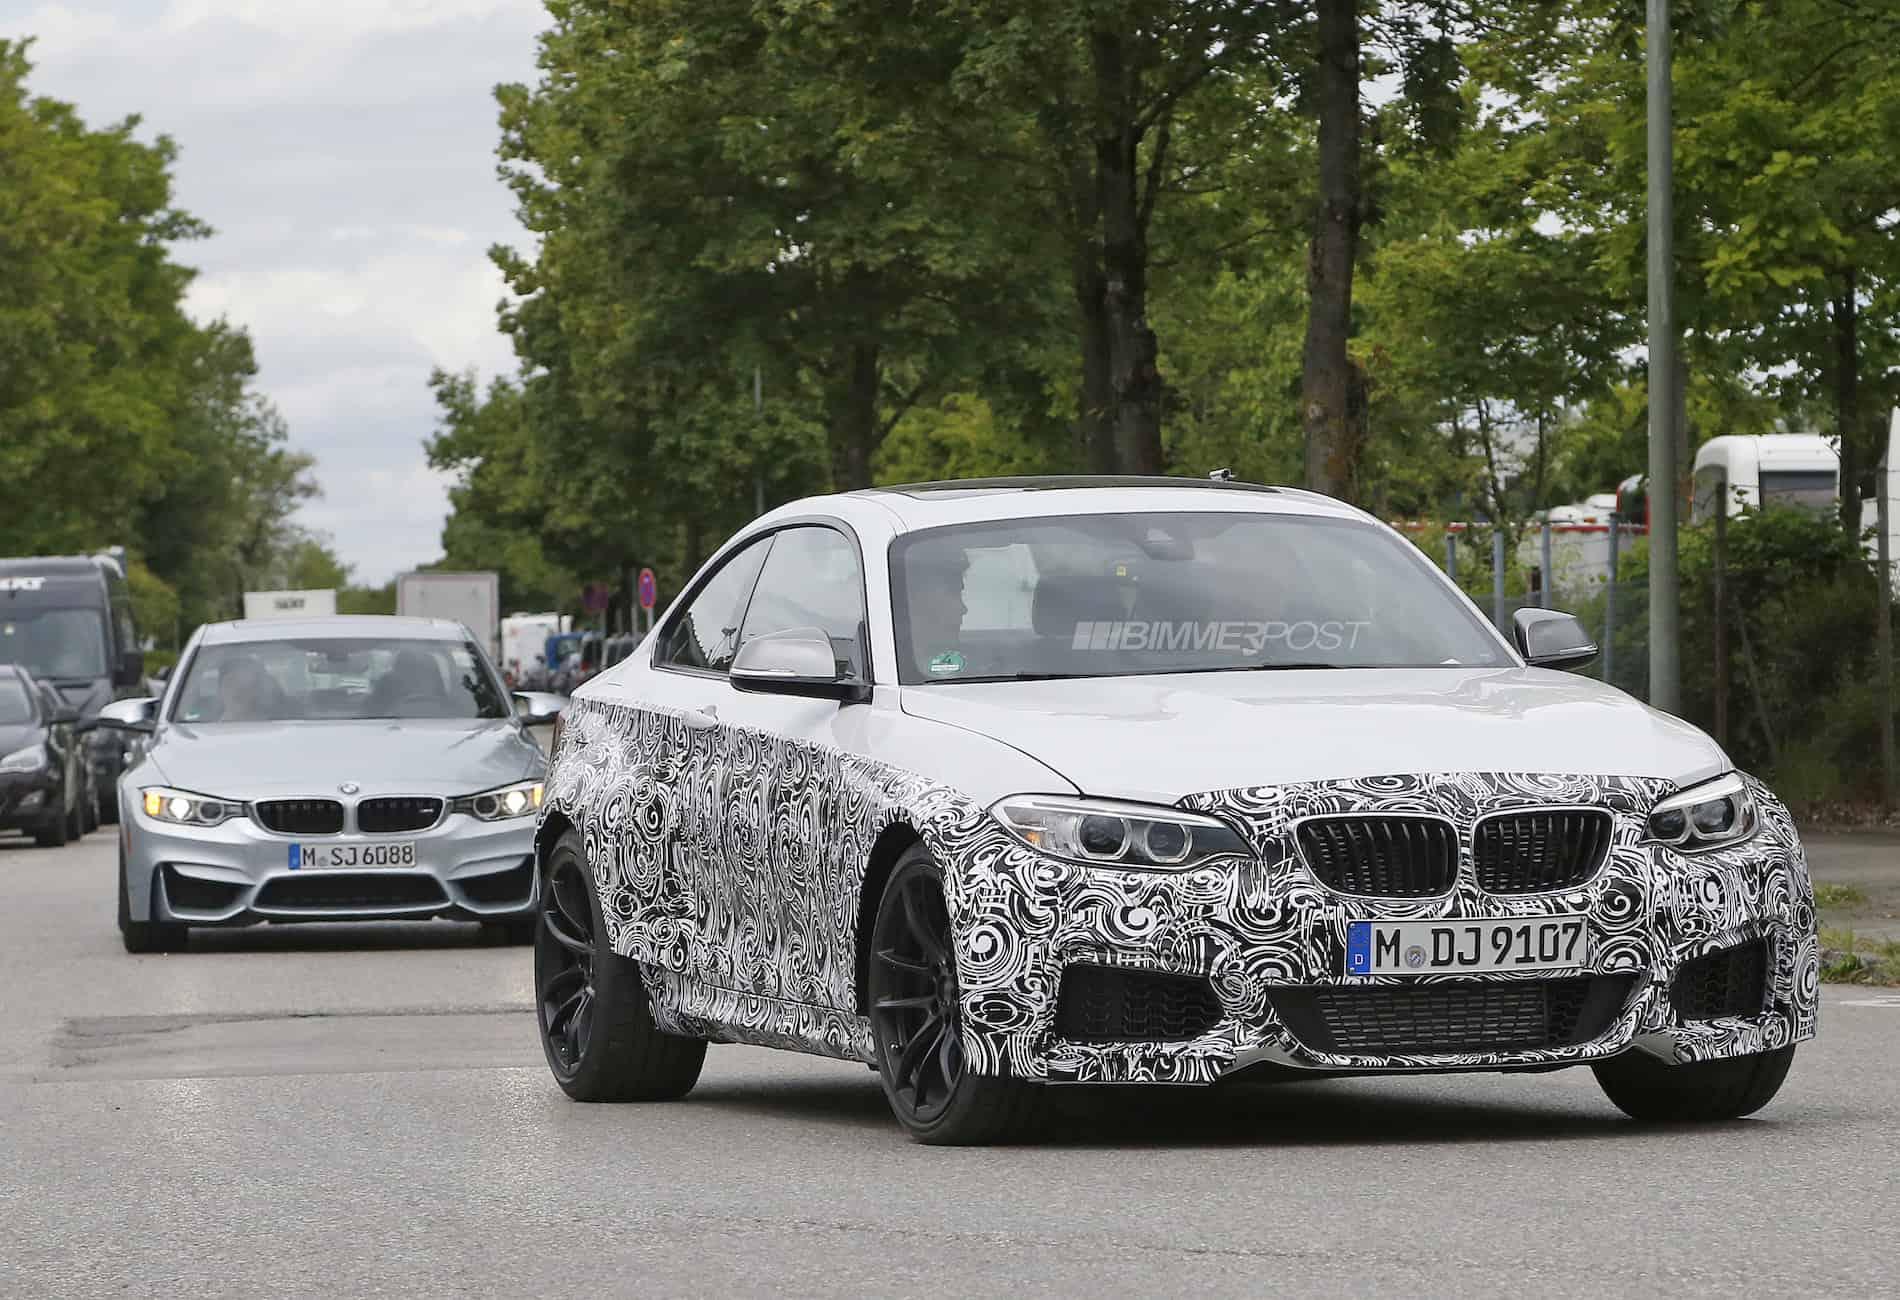 BMW M2 Erlkönig Bimmerpost